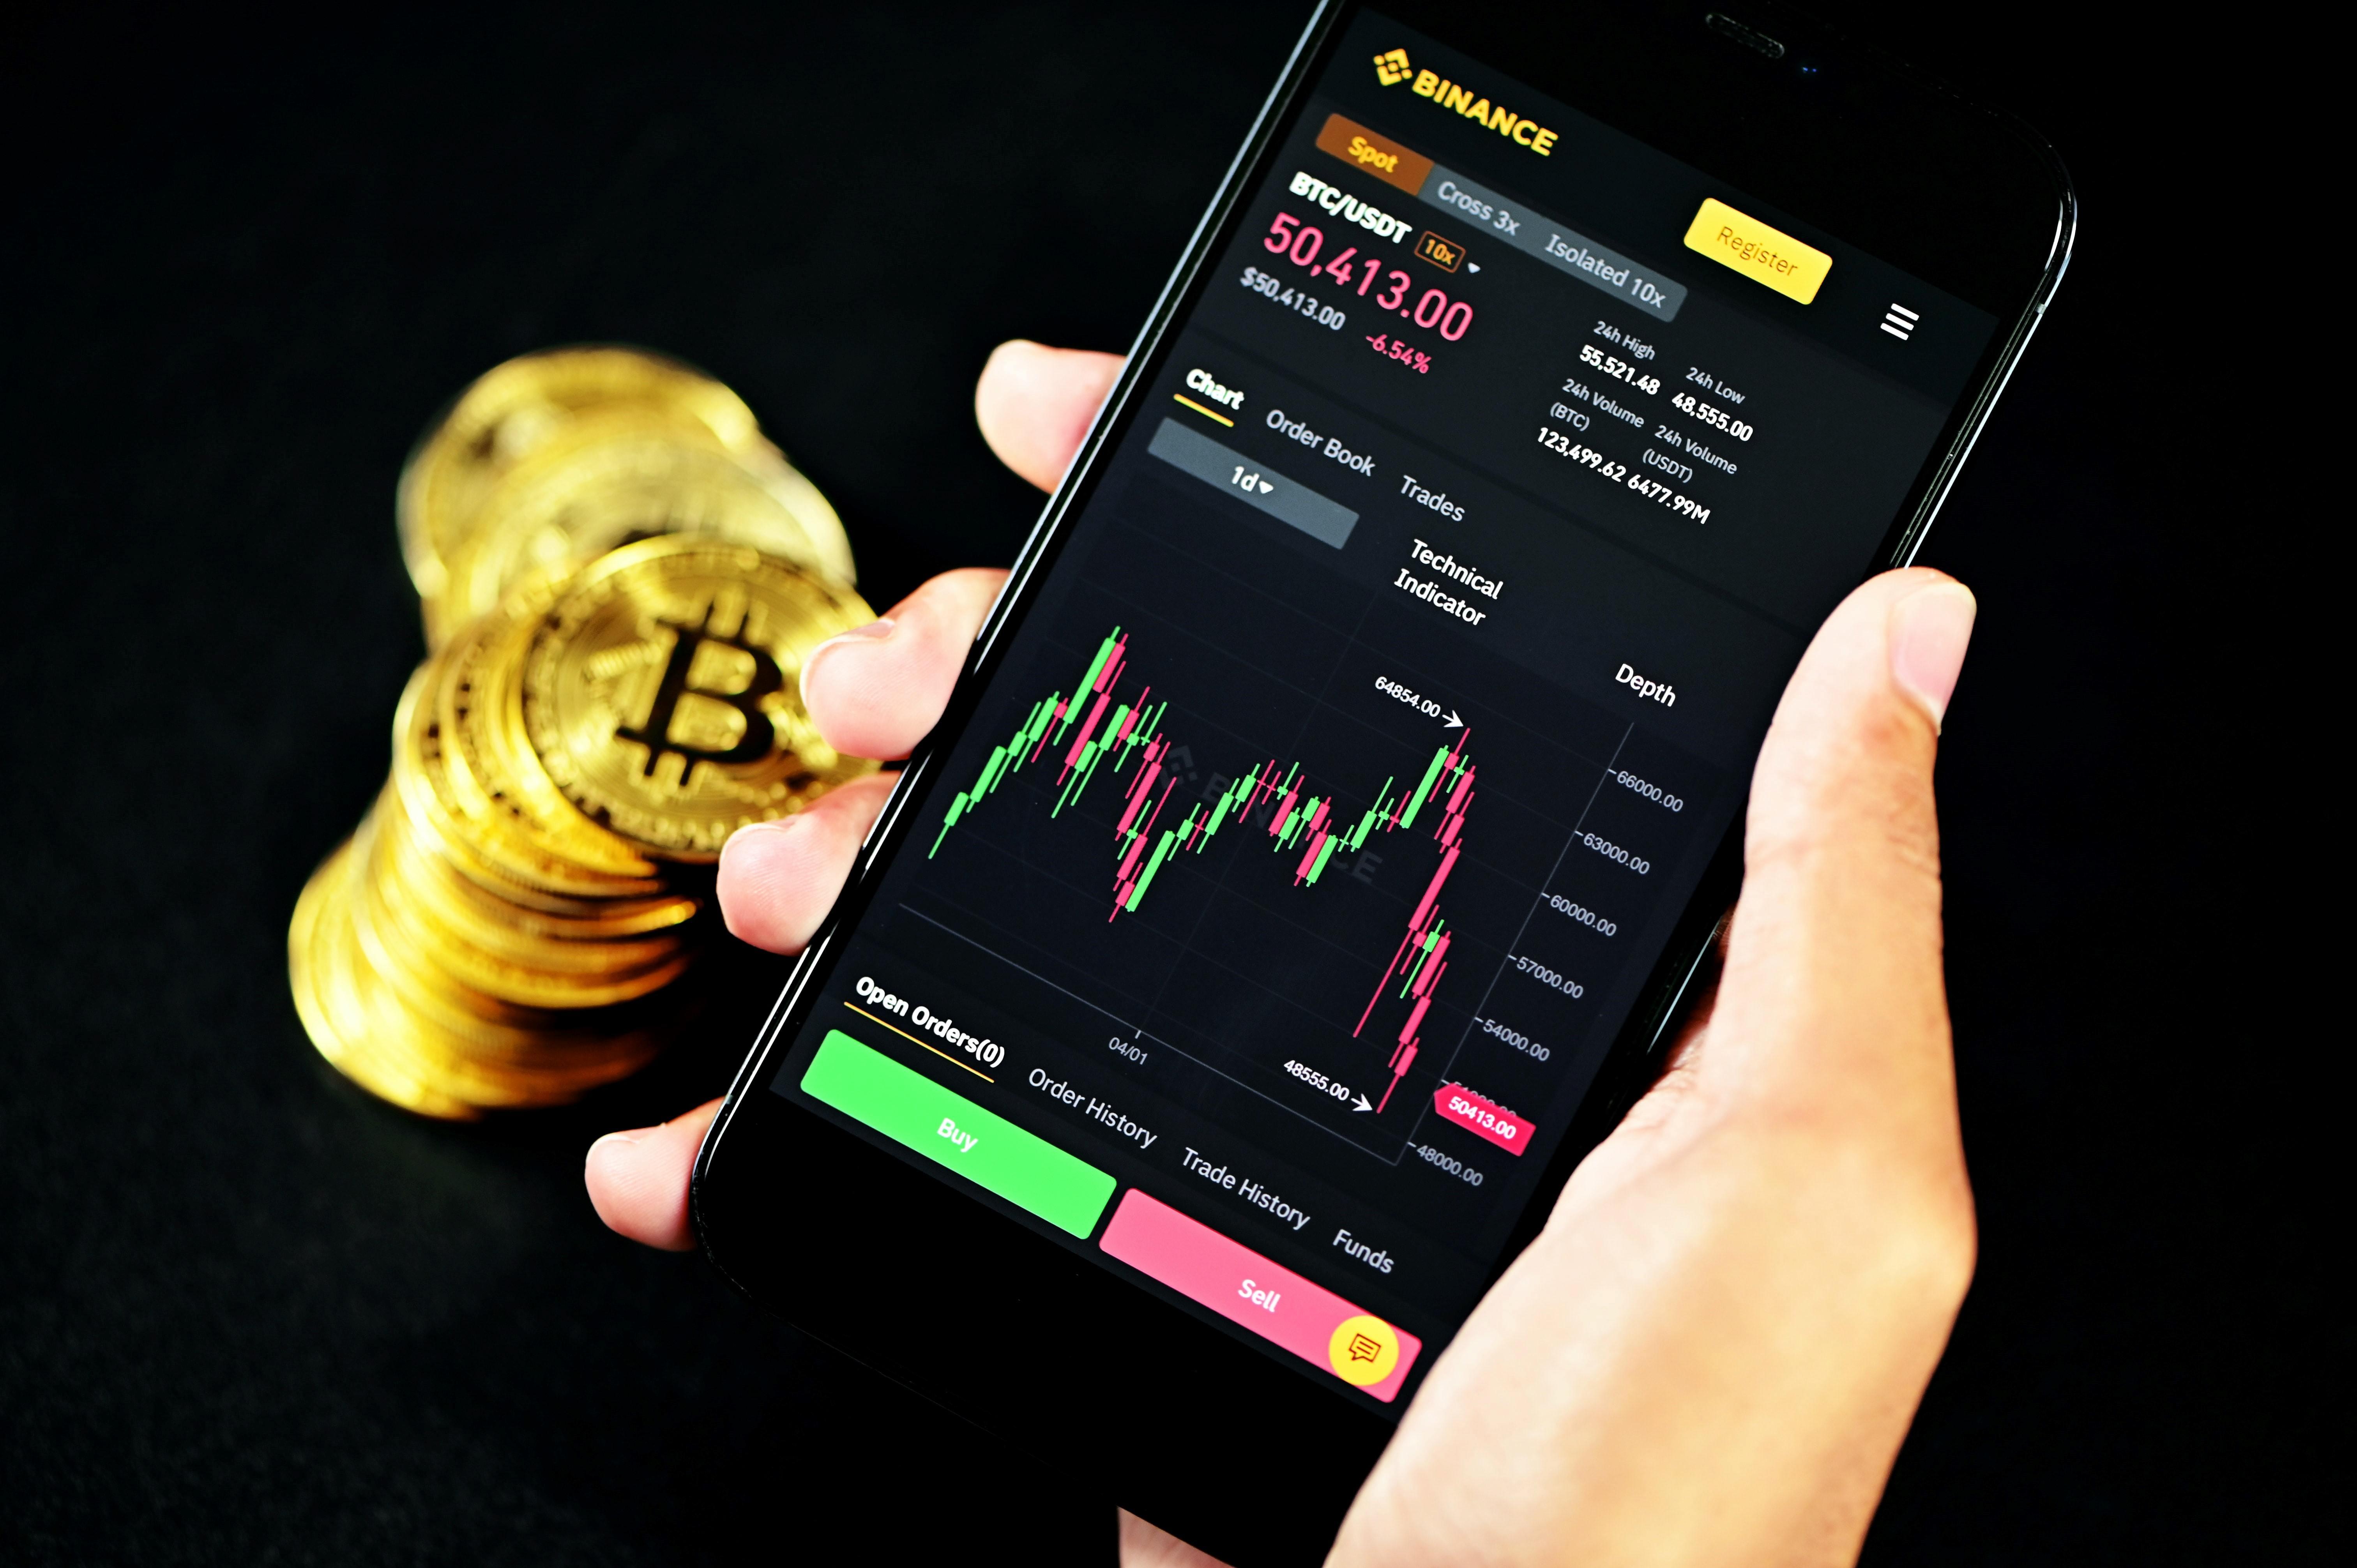 اهرم های معاملاتی و شناخت بازارهای مالی